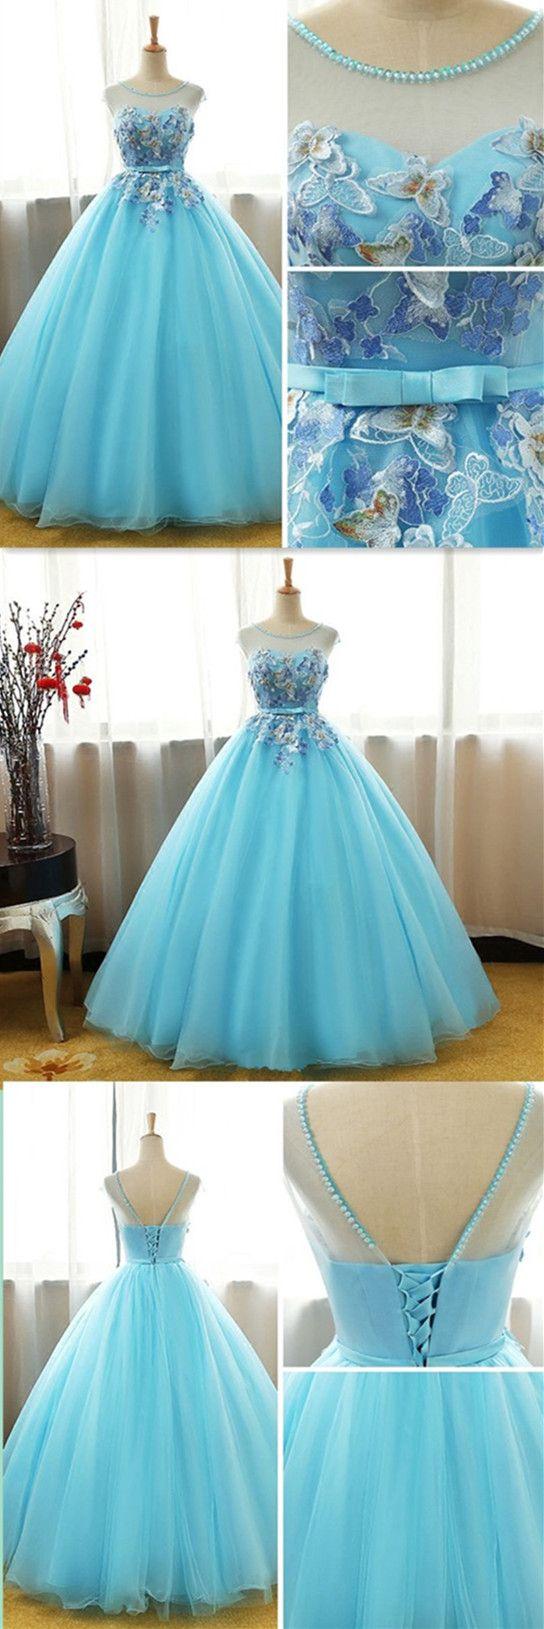 Ball gown appliques sexy prom dresslong evening dressevening dress